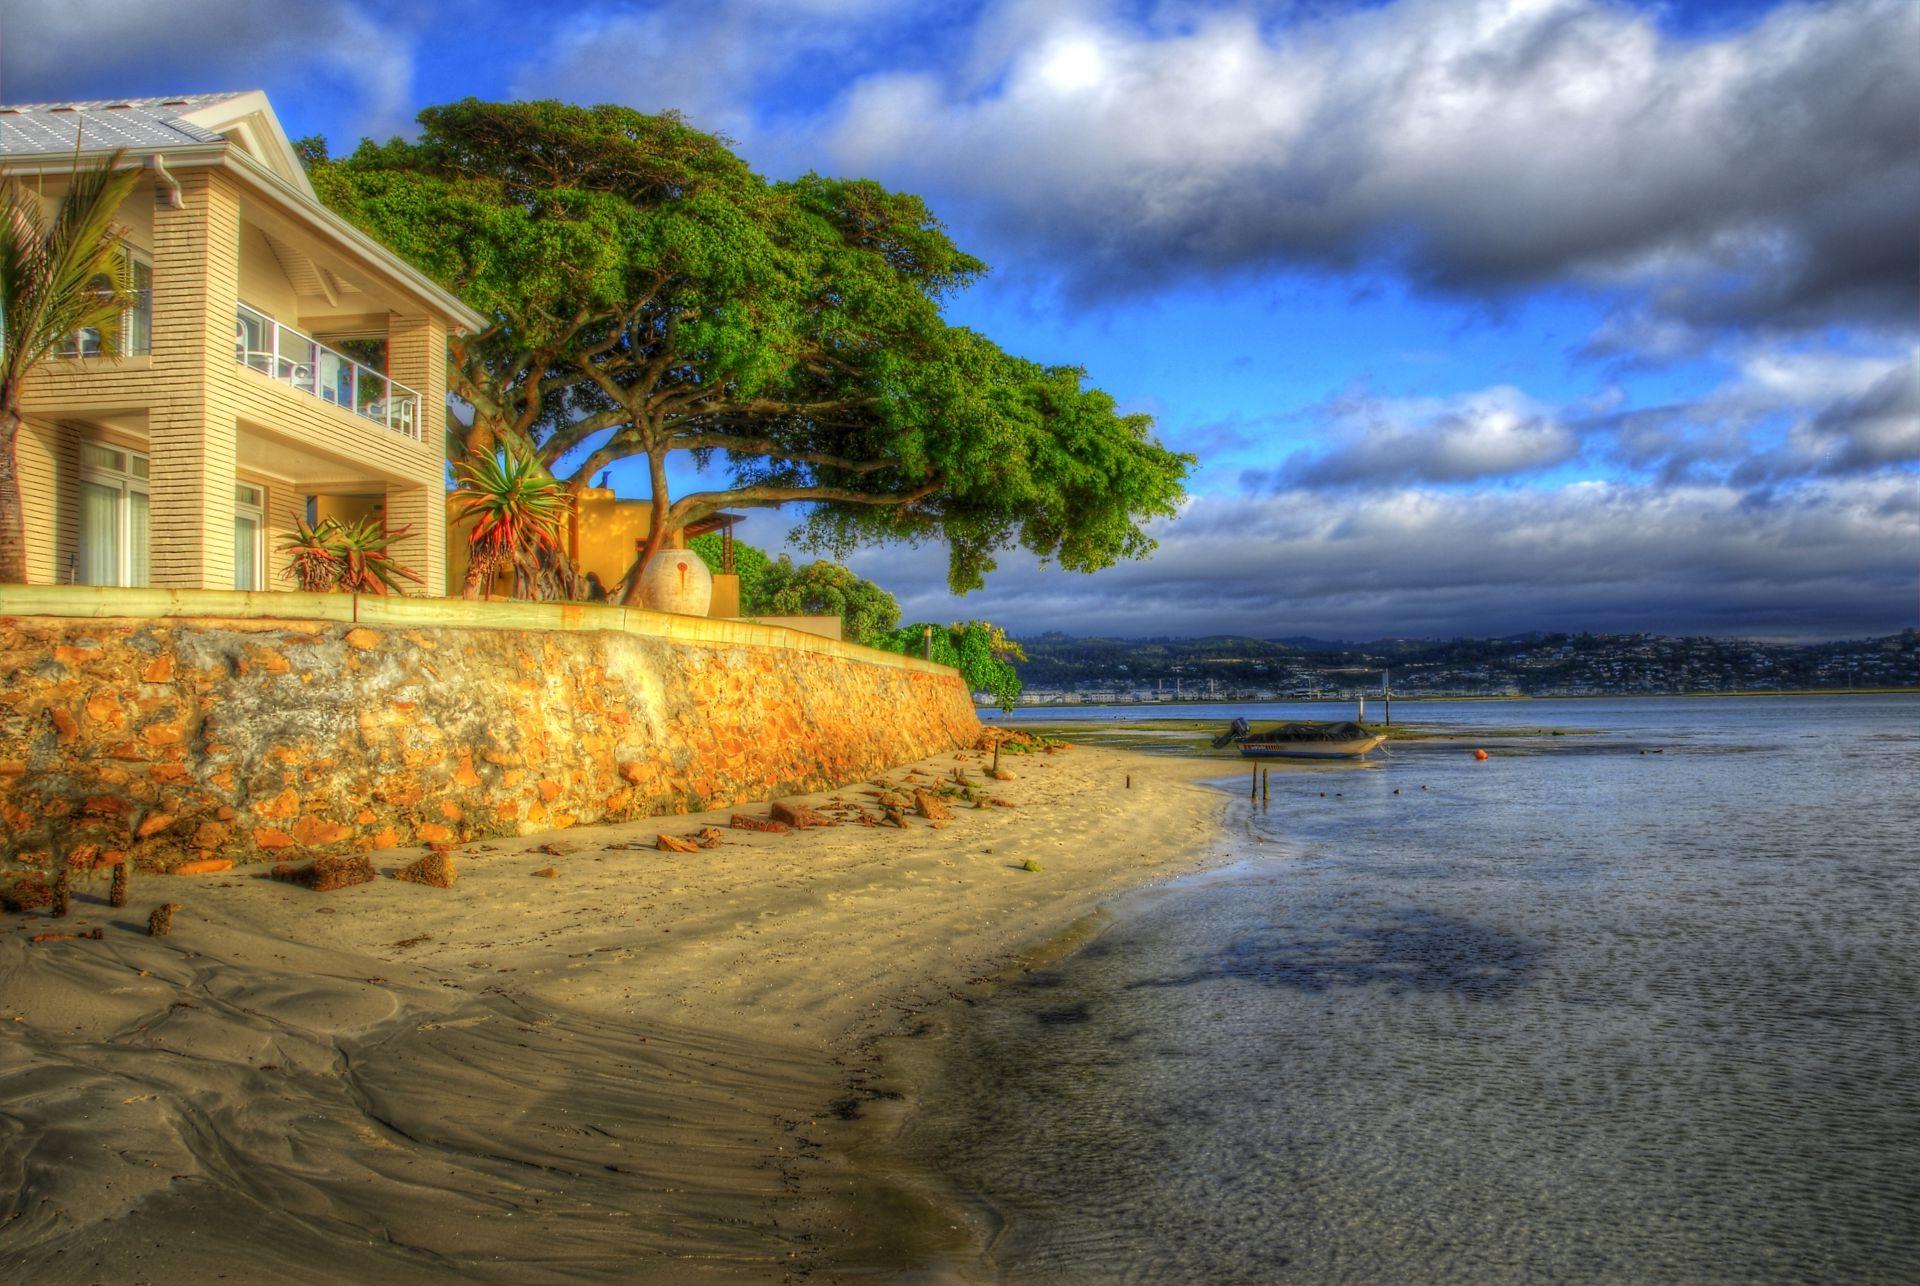 Дом у моря фото на рабочий стол